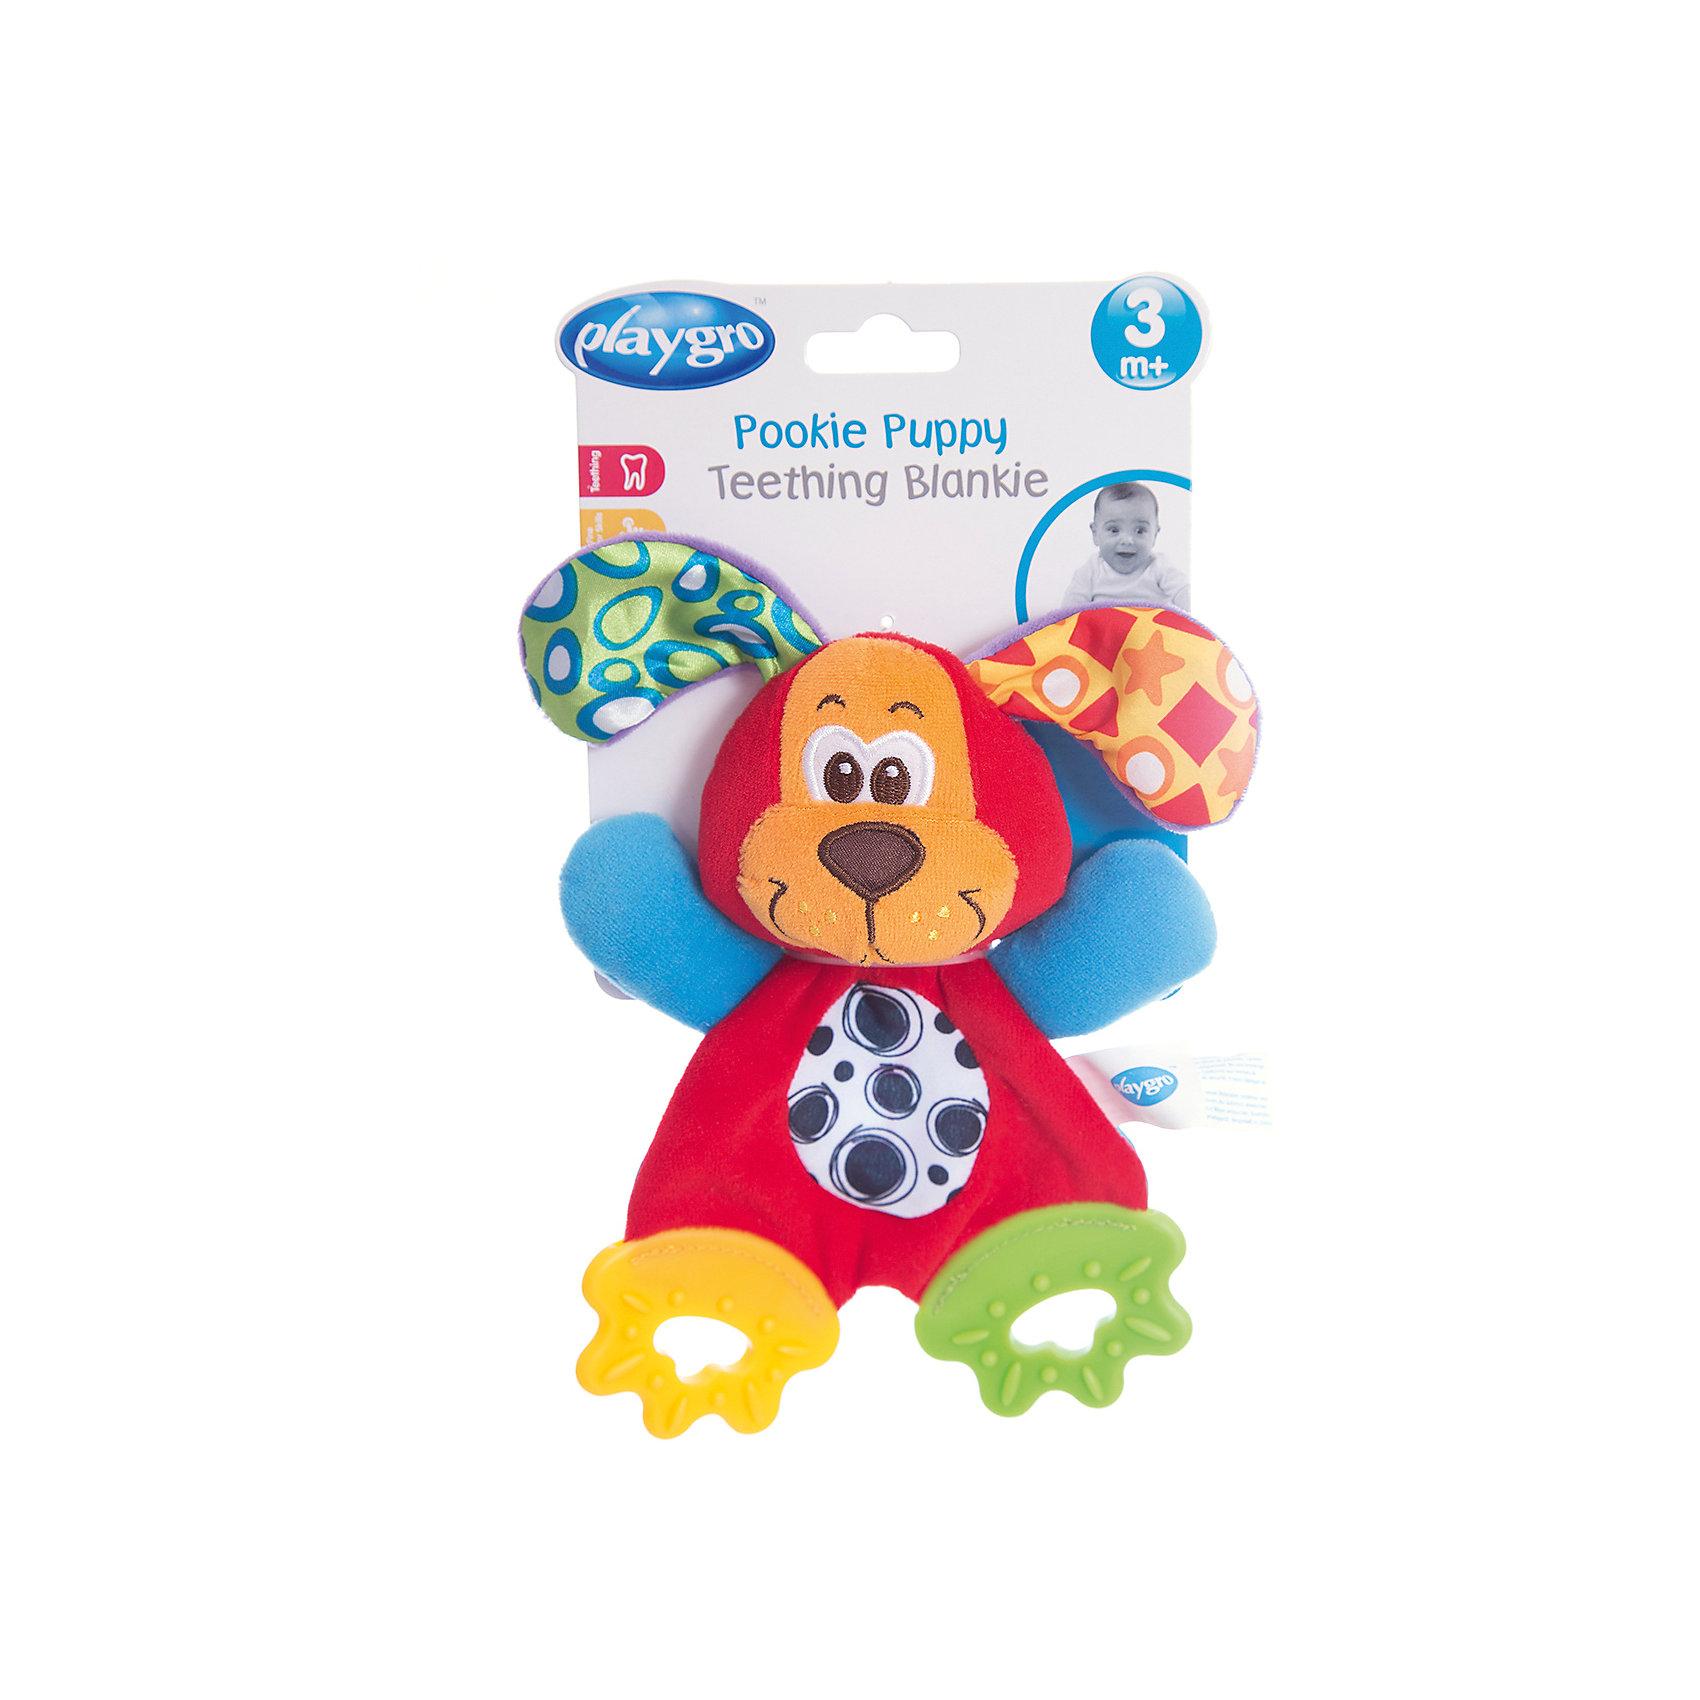 Мягкая игрушка Щенок, PlaygroМягкие игрушки животные<br>С этим милым щенком можно не только играть как с мягкой игрушкой, но и использовать как прорезыватель. На его лапках расположены мягкие грызунки, которые снимут неприятные ощущения во время роста зубов. Так же игрушка будет развивать мелкую моторику и визуальное восприятие ребенка.<br><br>Дополнительная информация:<br><br>- Возраст: от 3 месяцев до 2 лет<br>- Материал: текстиль, пластик<br>- Размер: 13х4х24 см<br>- Вес: 0.06 кг<br><br>Мягкую игрушку Щенок, Playgro можно купить в нашем интернет-магазине.<br><br>Ширина мм: 130<br>Глубина мм: 42<br>Высота мм: 240<br>Вес г: 60<br>Возраст от месяцев: 3<br>Возраст до месяцев: 24<br>Пол: Унисекс<br>Возраст: Детский<br>SKU: 4779542